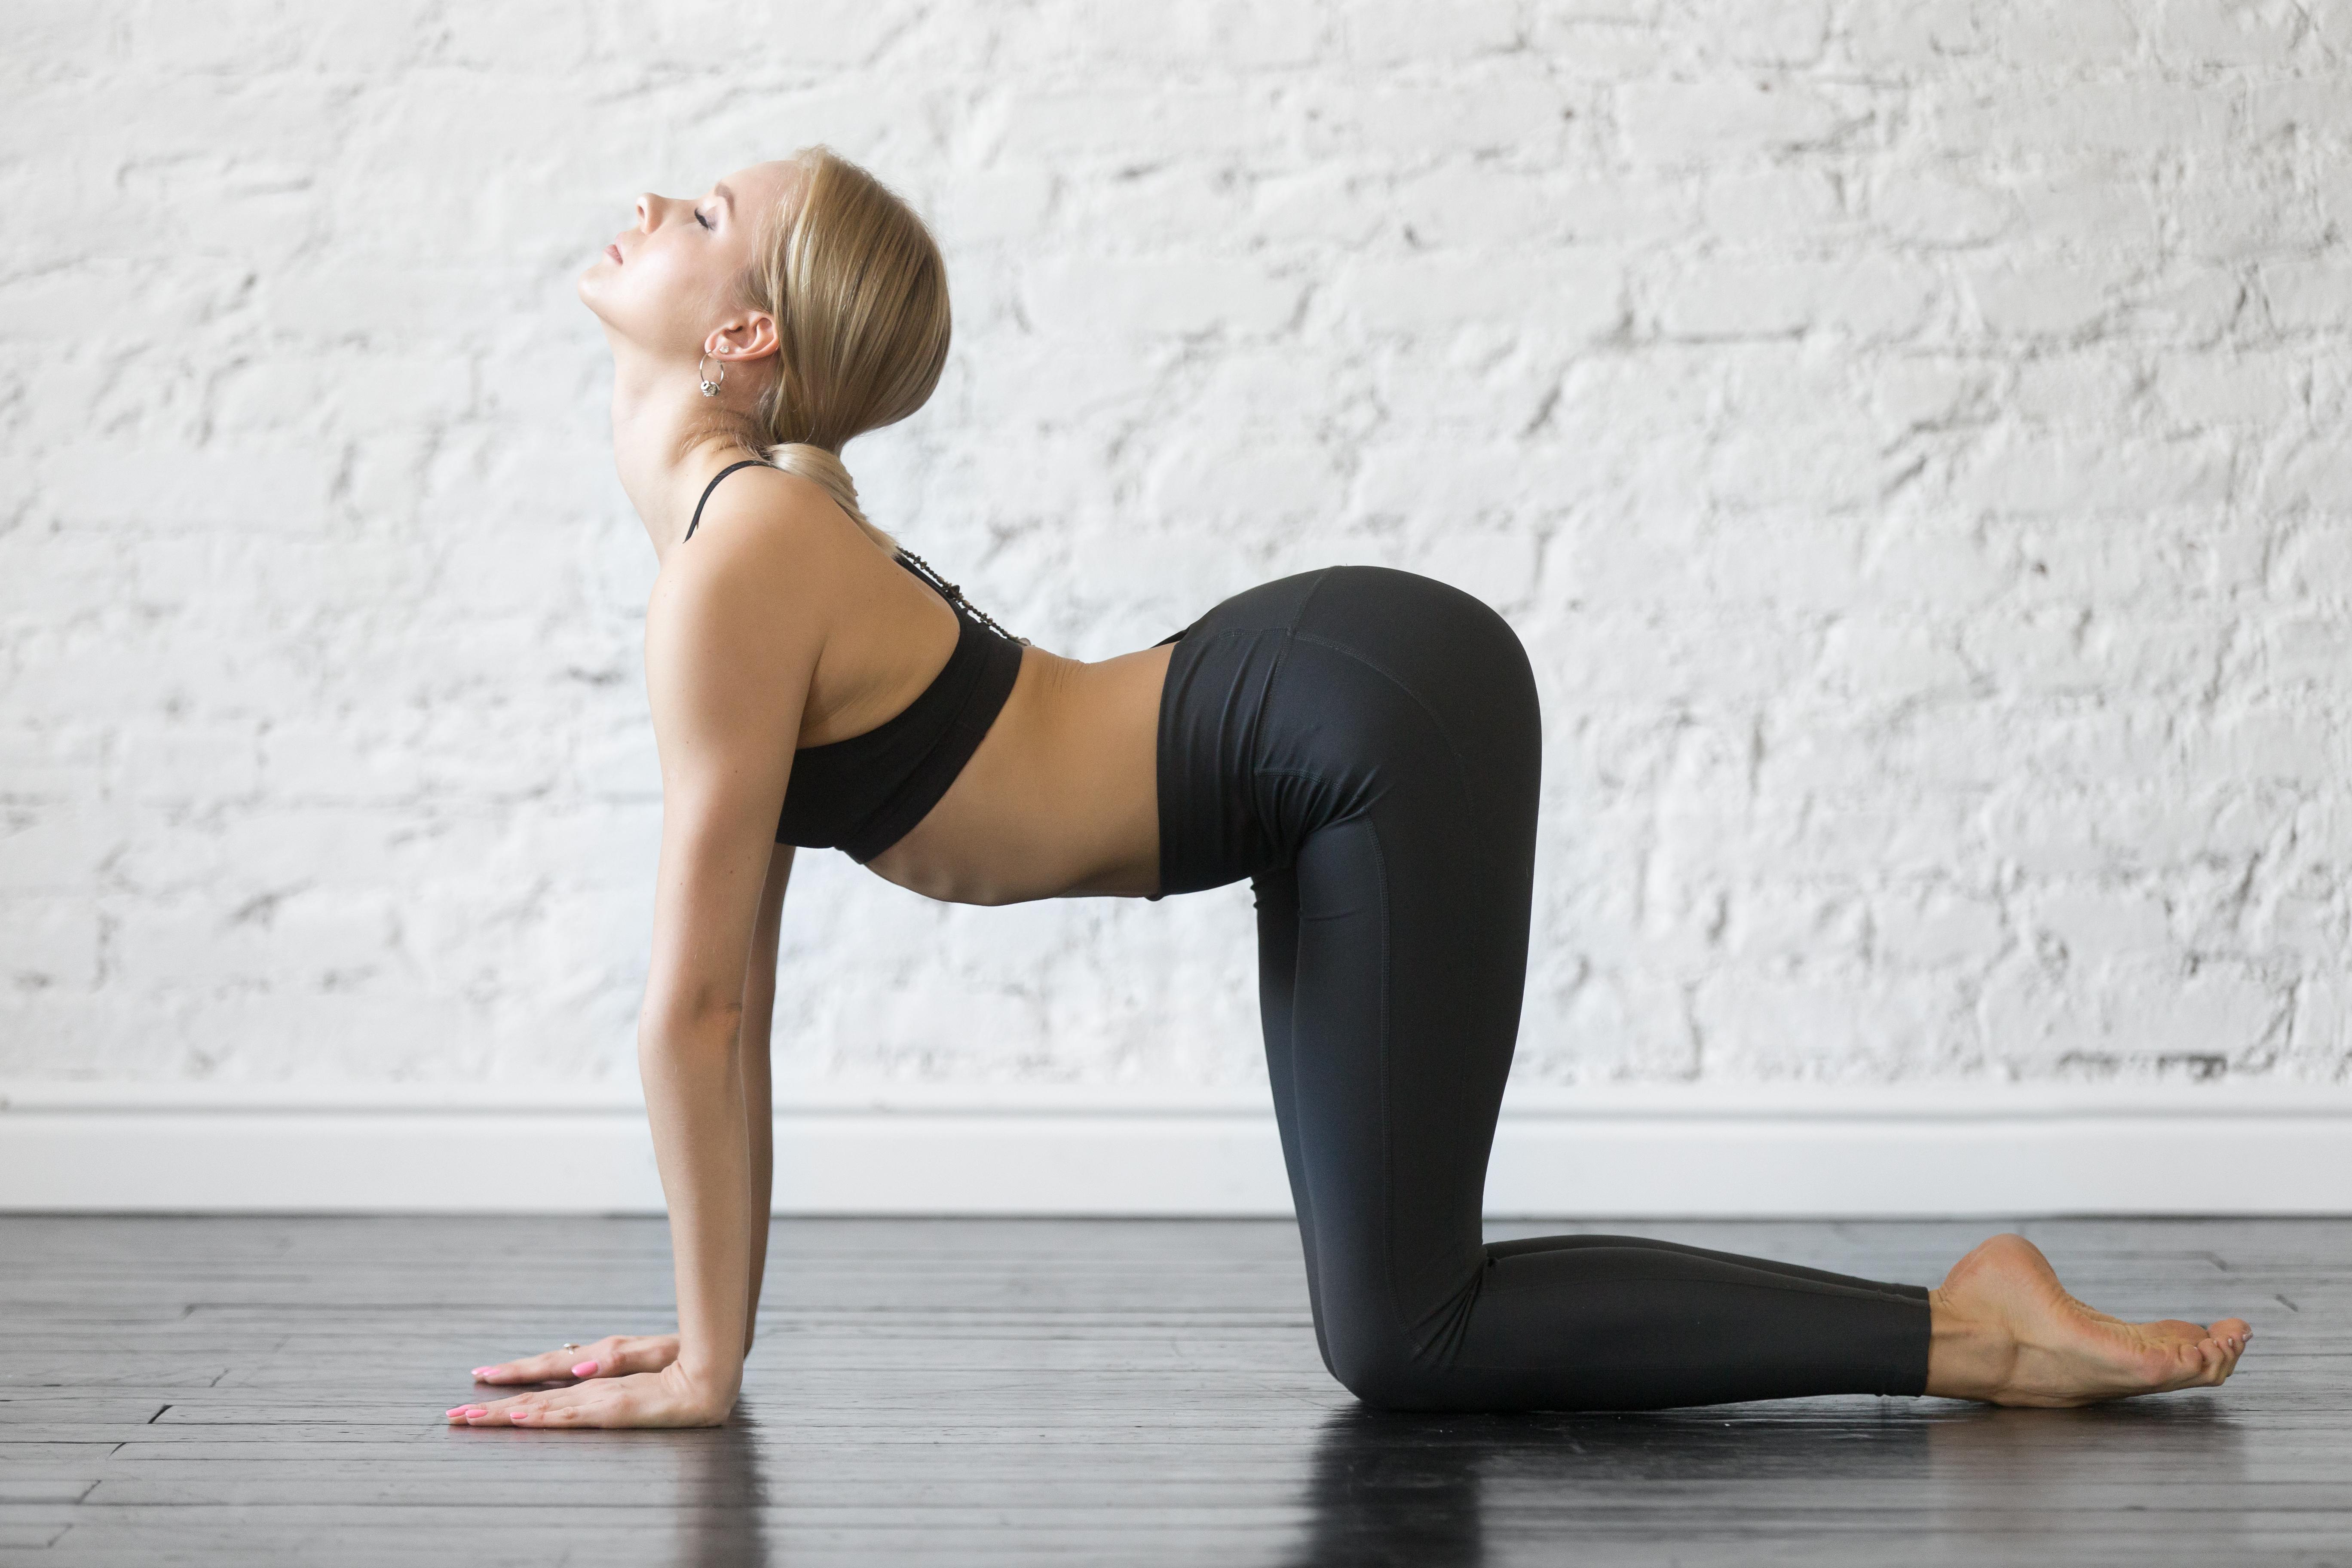 Vrouw doet cow pose yoga